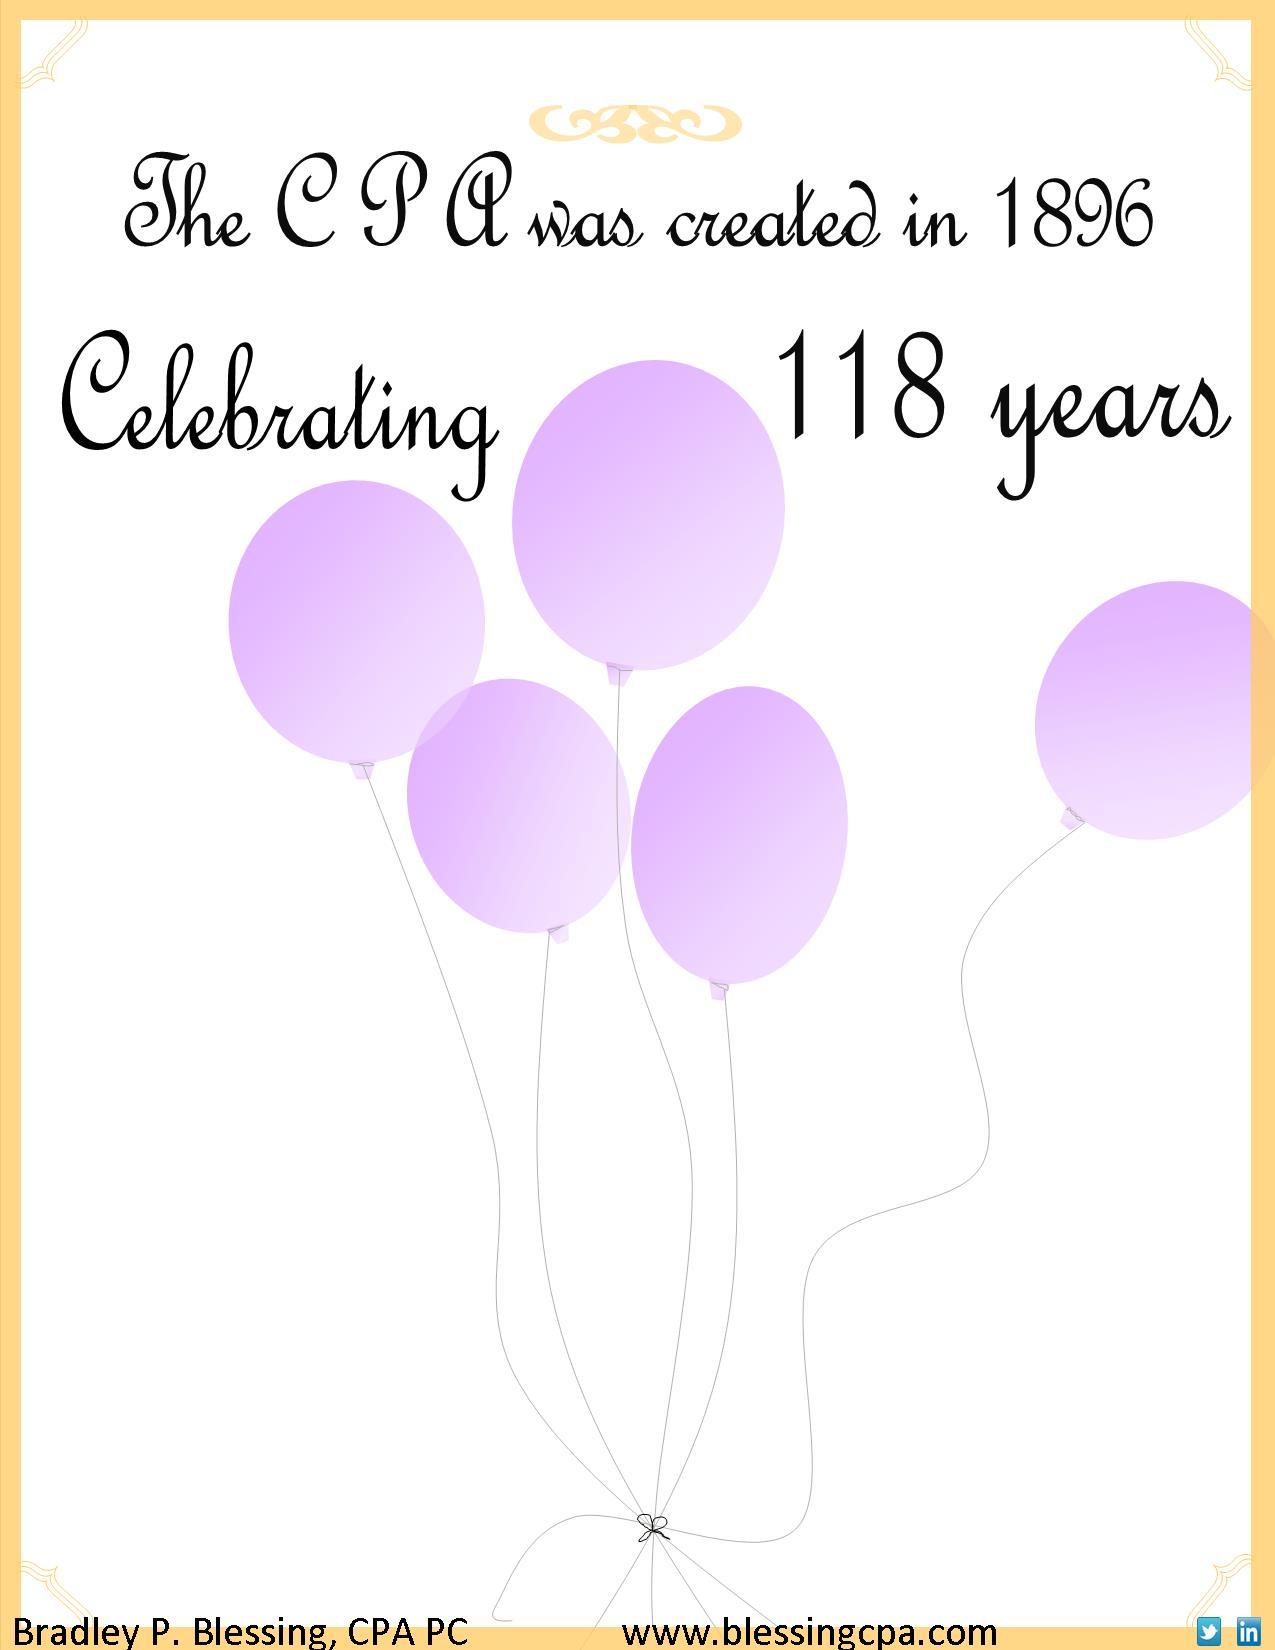 Celebrating 118 years